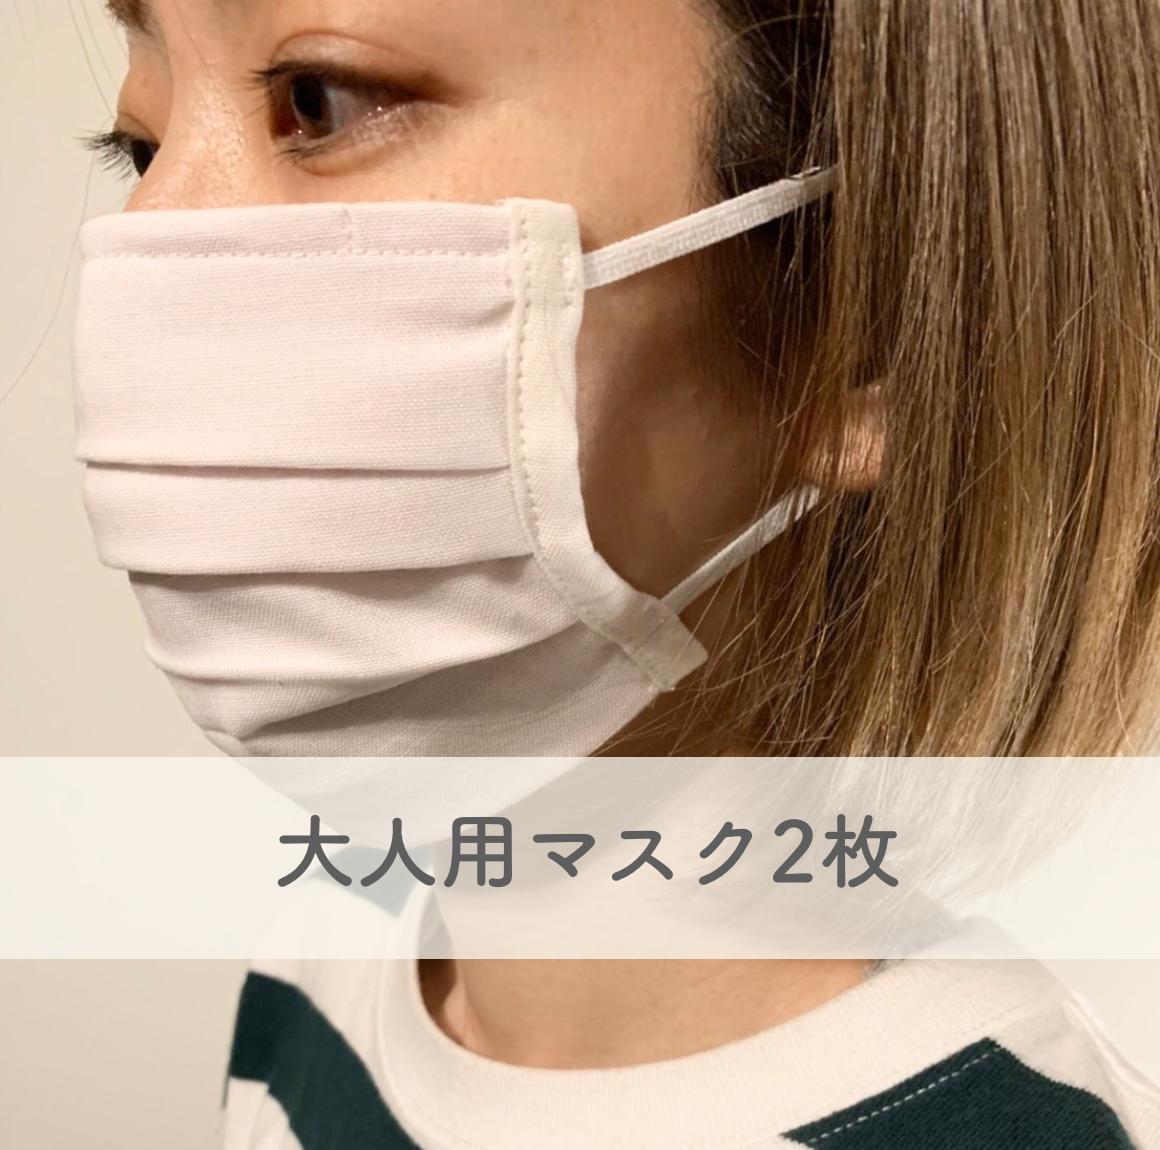 【再販 / 送料無料】LUCYオリジナルオーガニックコットンマスク(フジイロ2枚セット)